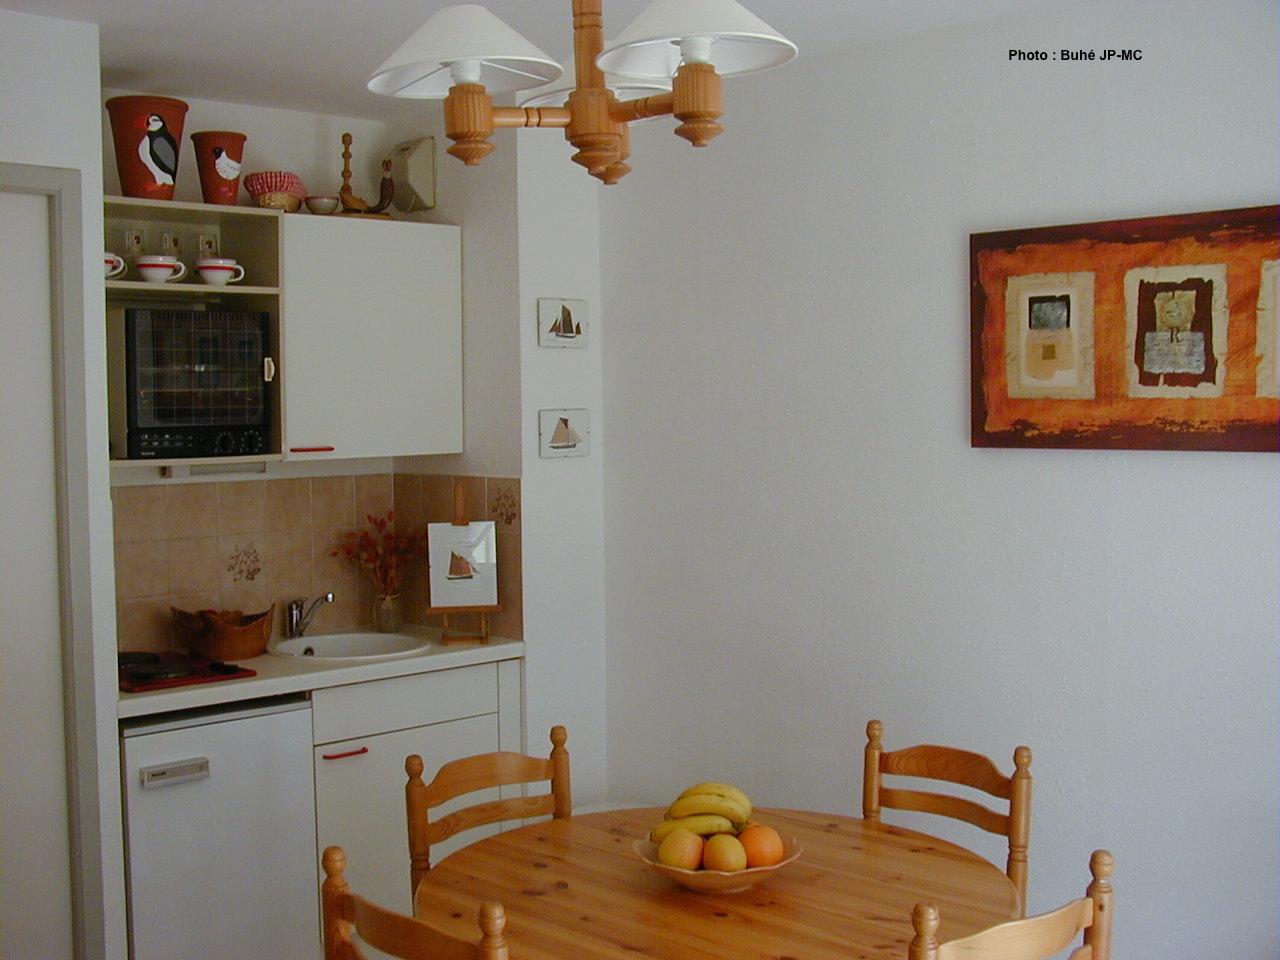 Appartement vacances pentrez plage st nic location 2 - Cuisine avec presqu ile ...